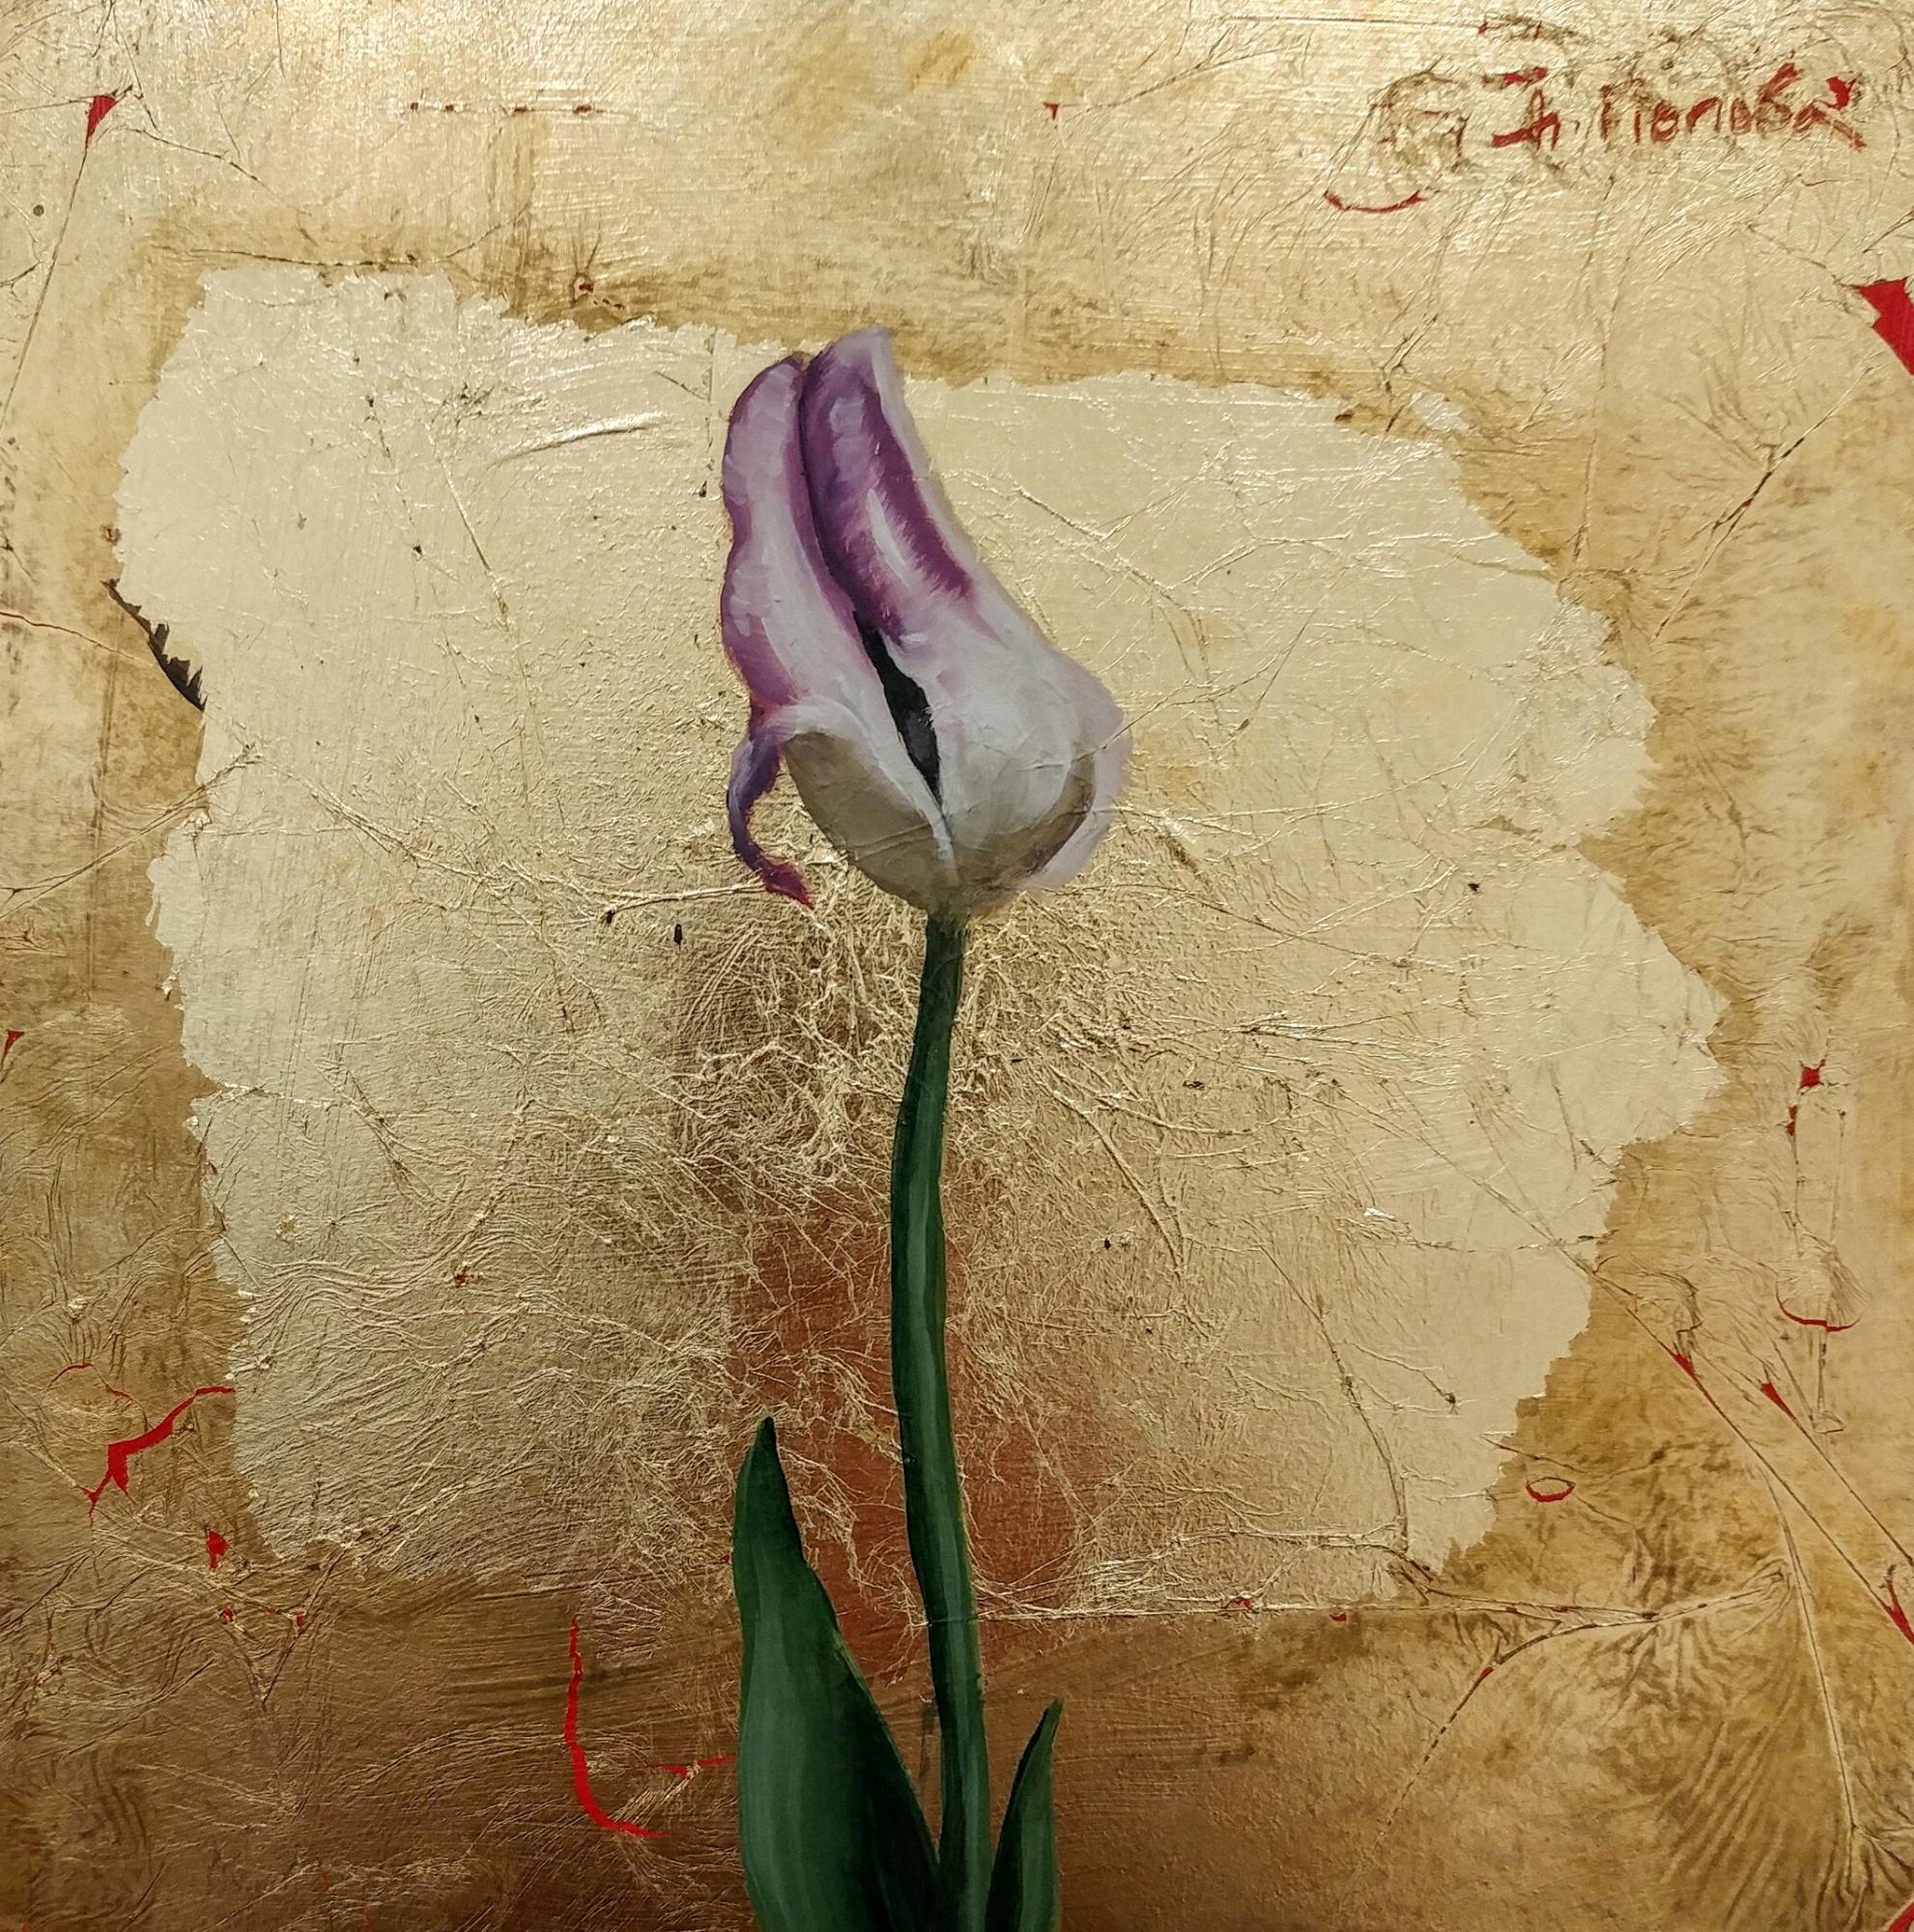 Byzantine Tulip II by Diliana Popova